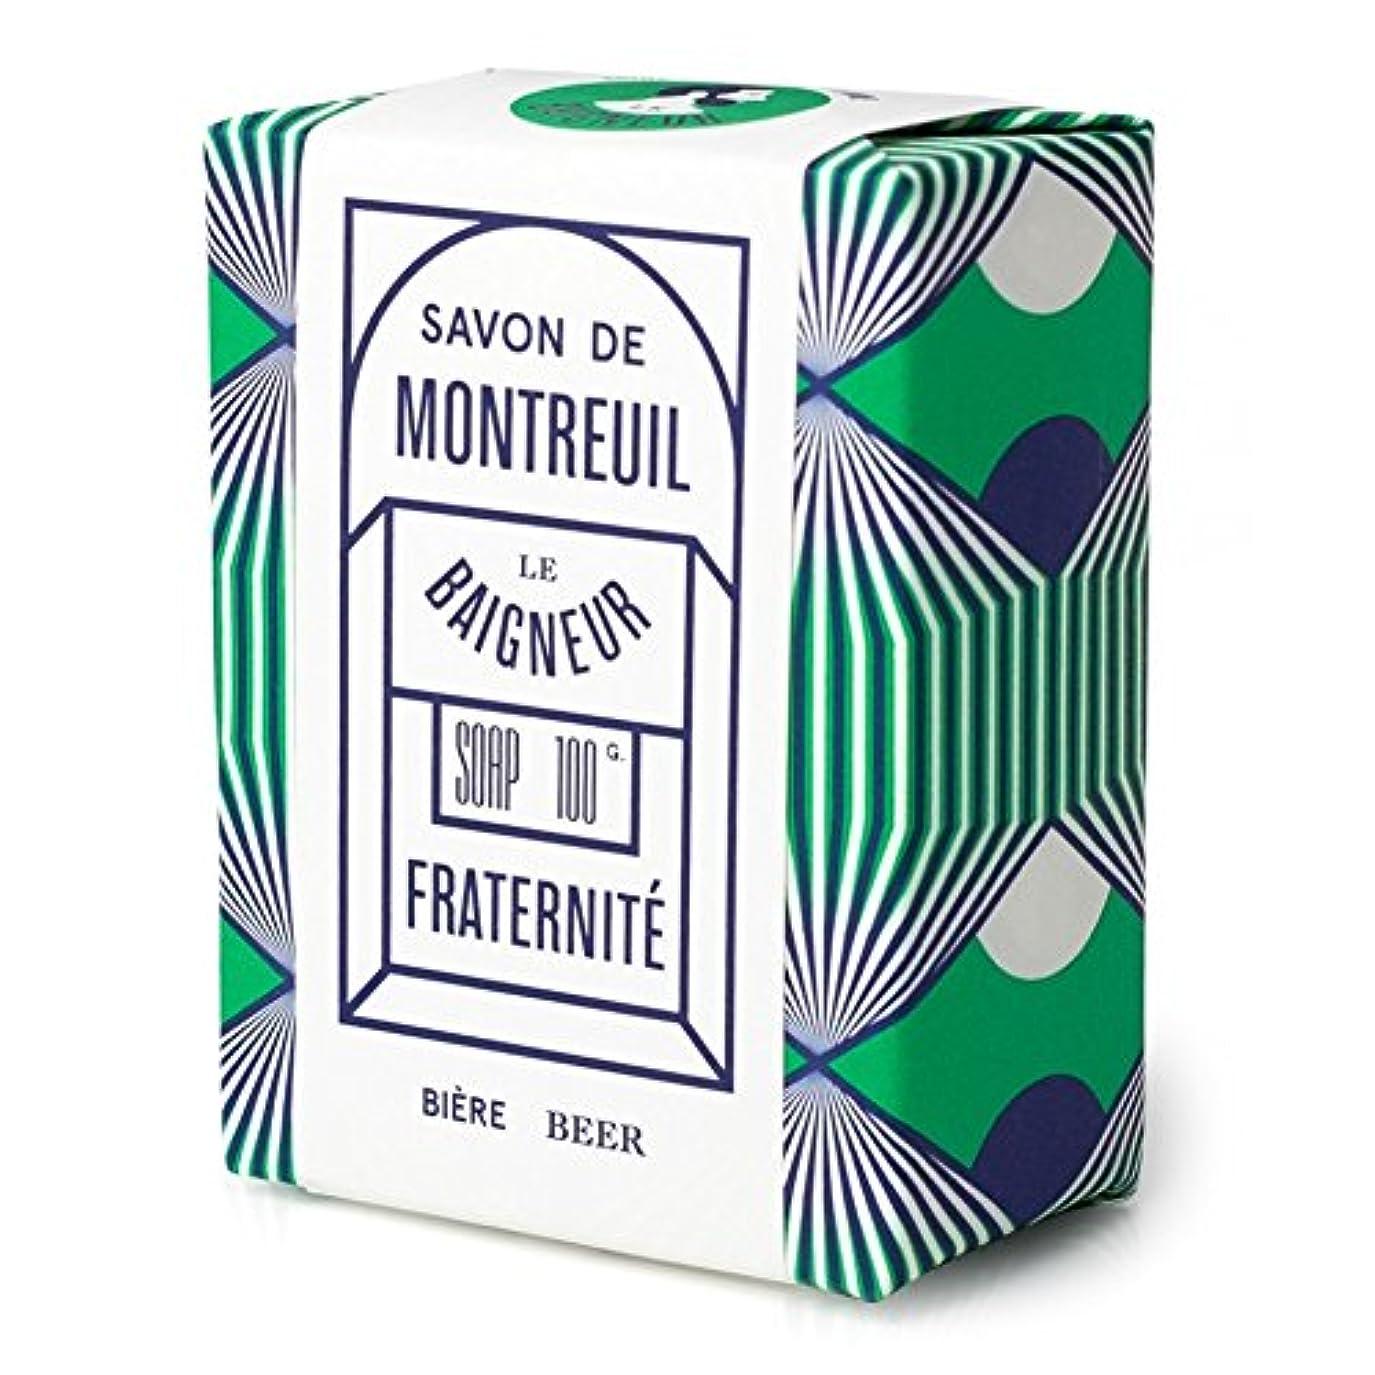 音声取るに足らないストライドル 石鹸100グラム x4 - Le Baigneur Fraternite Soap 100g (Pack of 4) [並行輸入品]